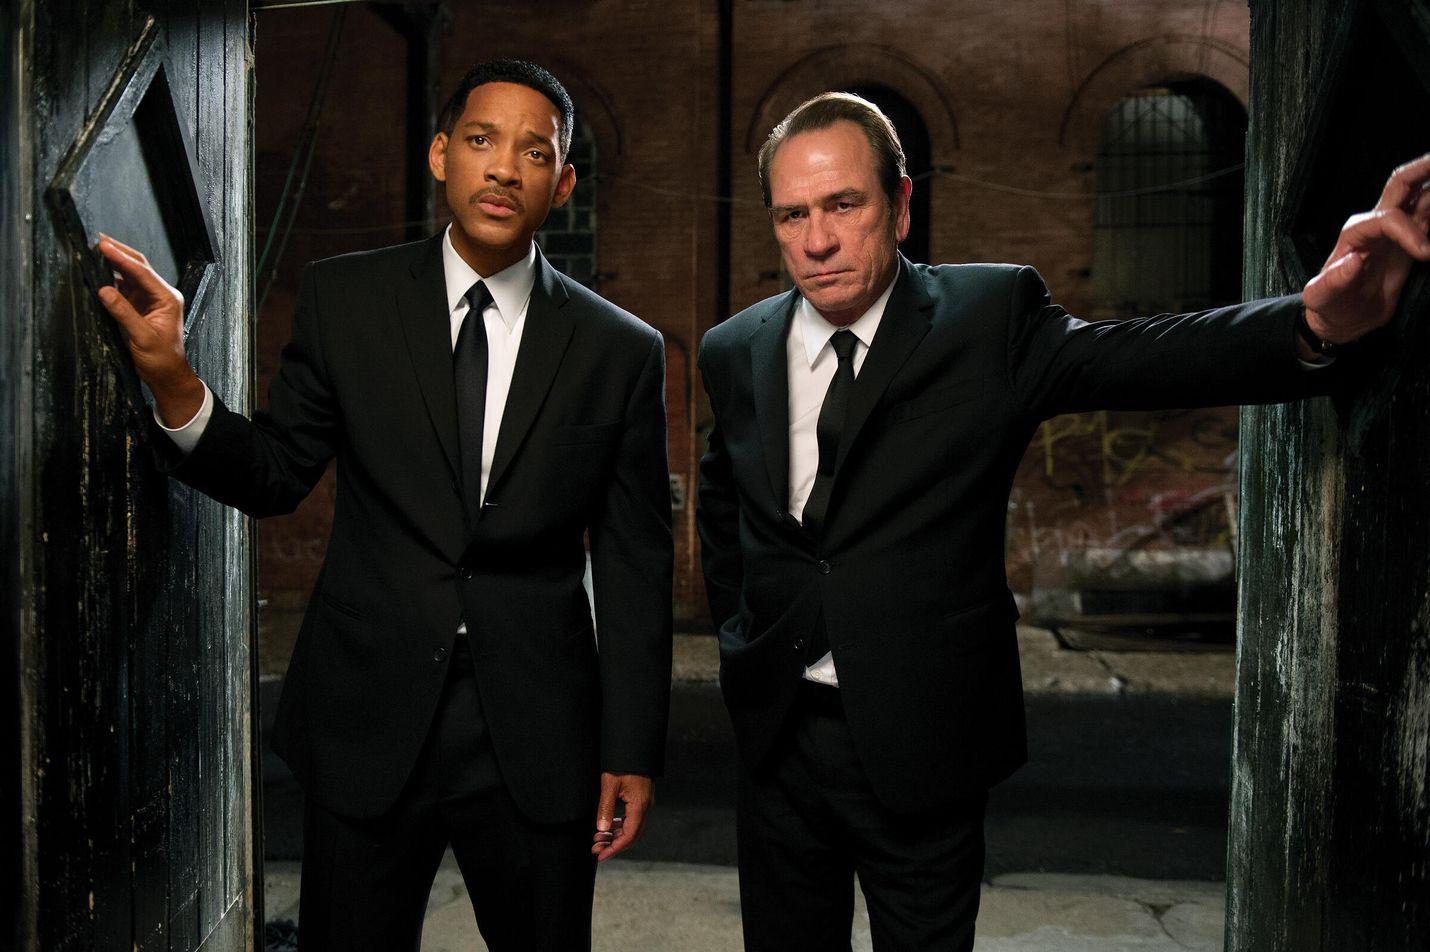 Men in Black 3 ei tarjoile yllätyksiä, mutta vitsailu ja suruton seikkailuhenki ovat yhä voimissaan. Pääosissa nähdään Will Smith ja Tommy Lee Jones.